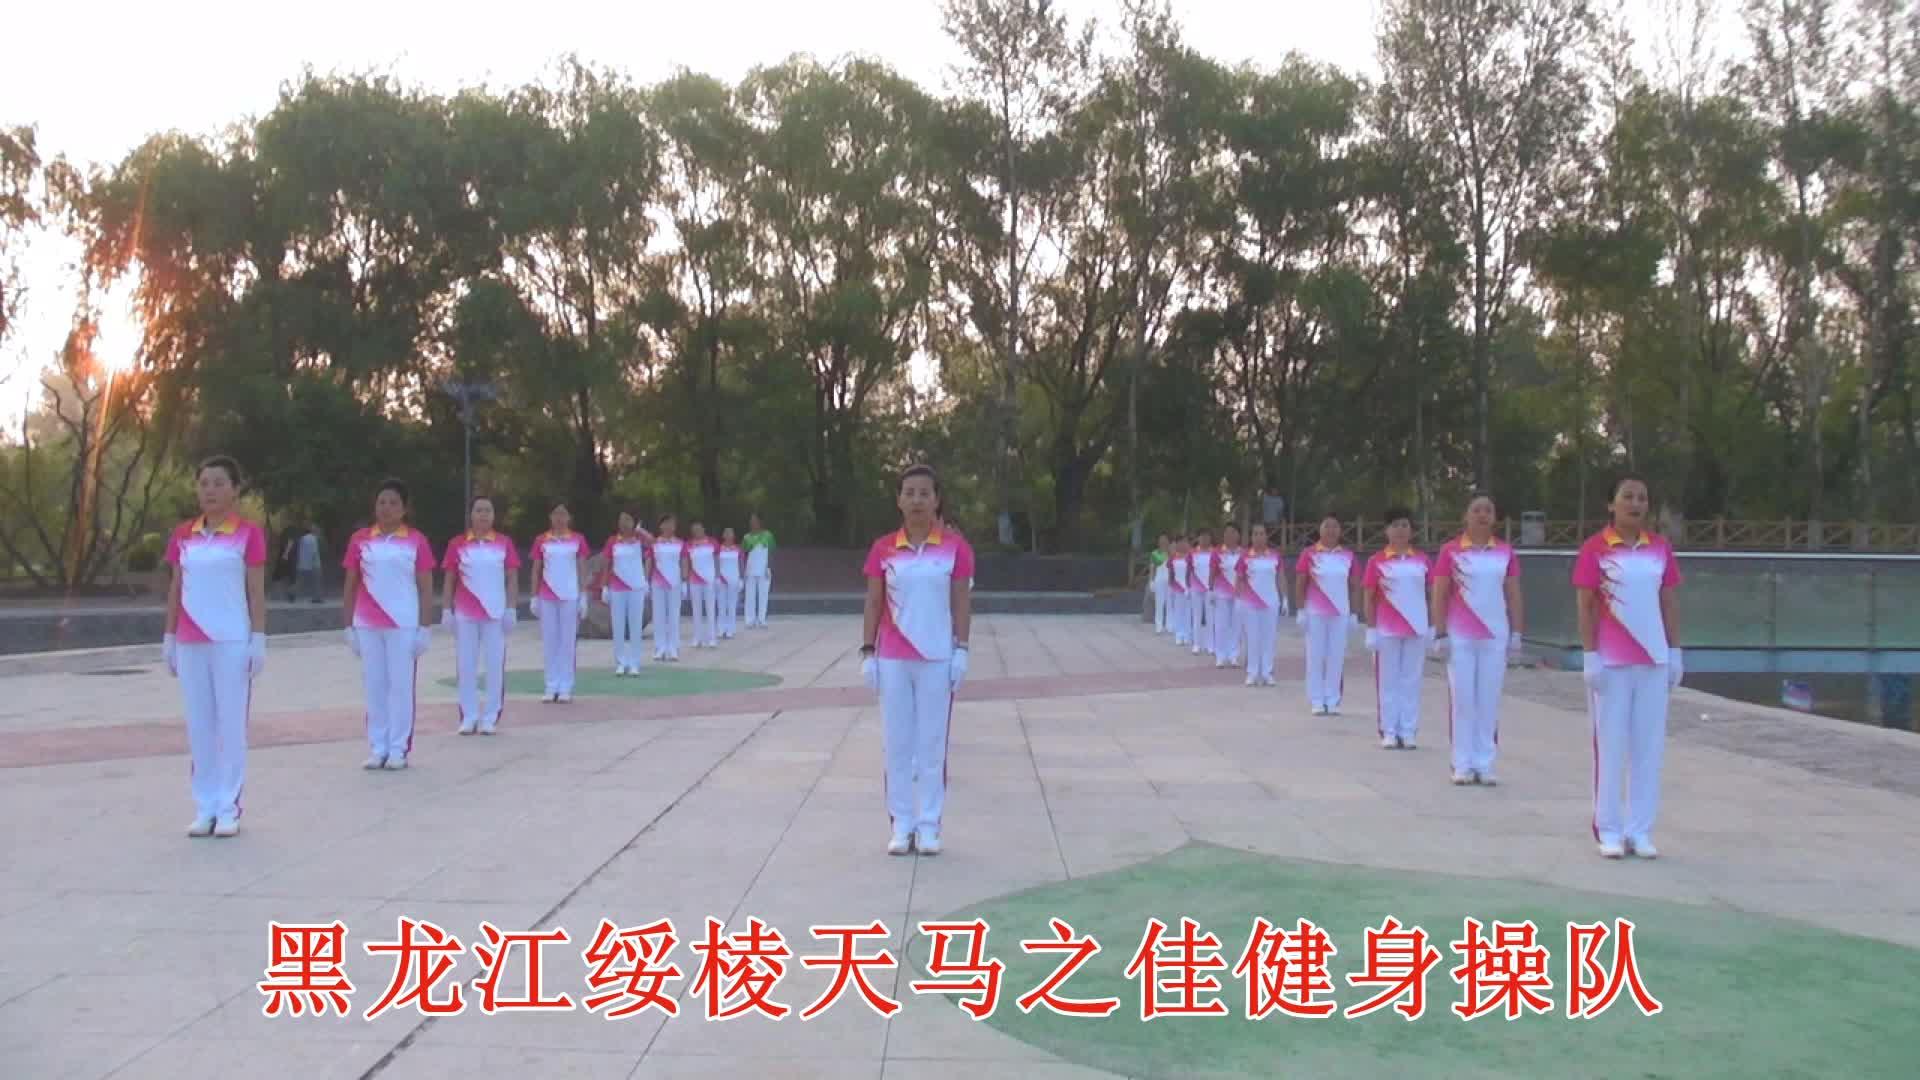 黑龙江省全民课件健身操(舞)第二套神鹤起飞_有趣的免费科学图片